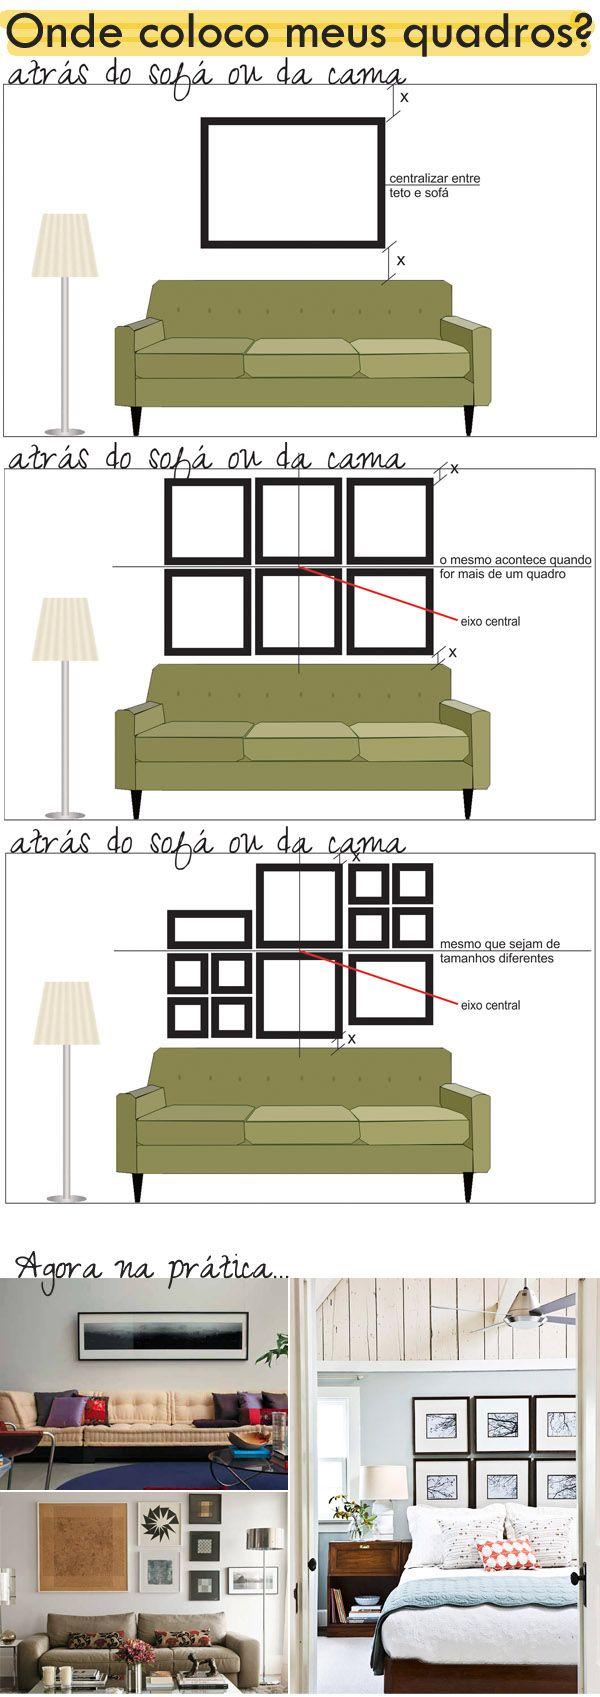 Posição ideal para quadros. By Casa de Valentina.                                                                                                                                                                                 Mais